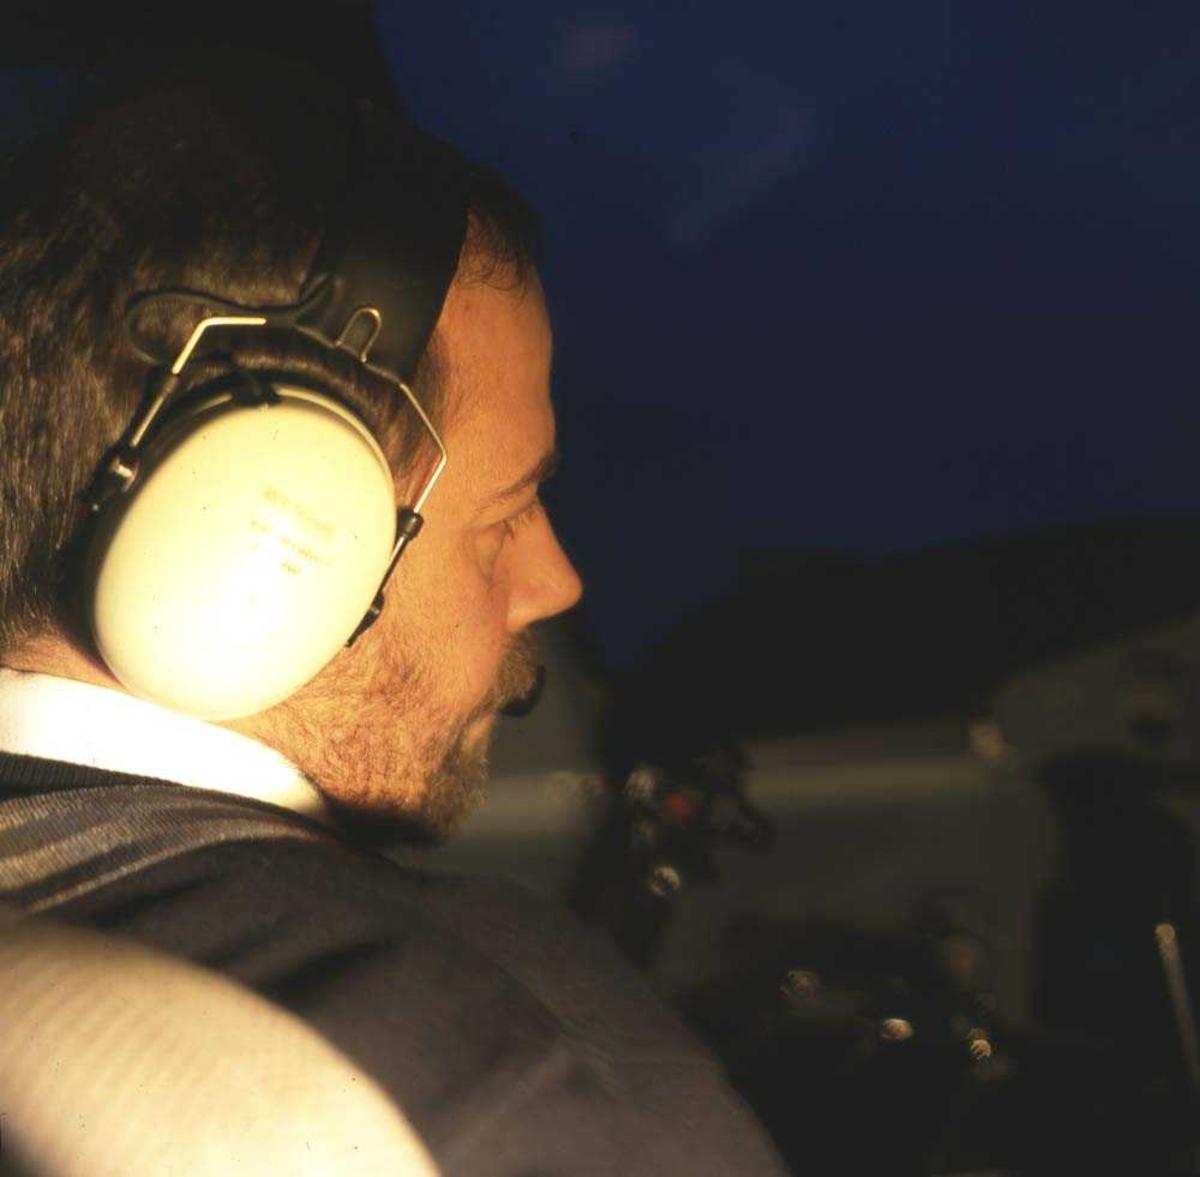 Lufthavn/Flyplass. Flyger/pilot. Et fly, DHC-8 /Dash8 fra Widerøe klargjøres for oppstart.